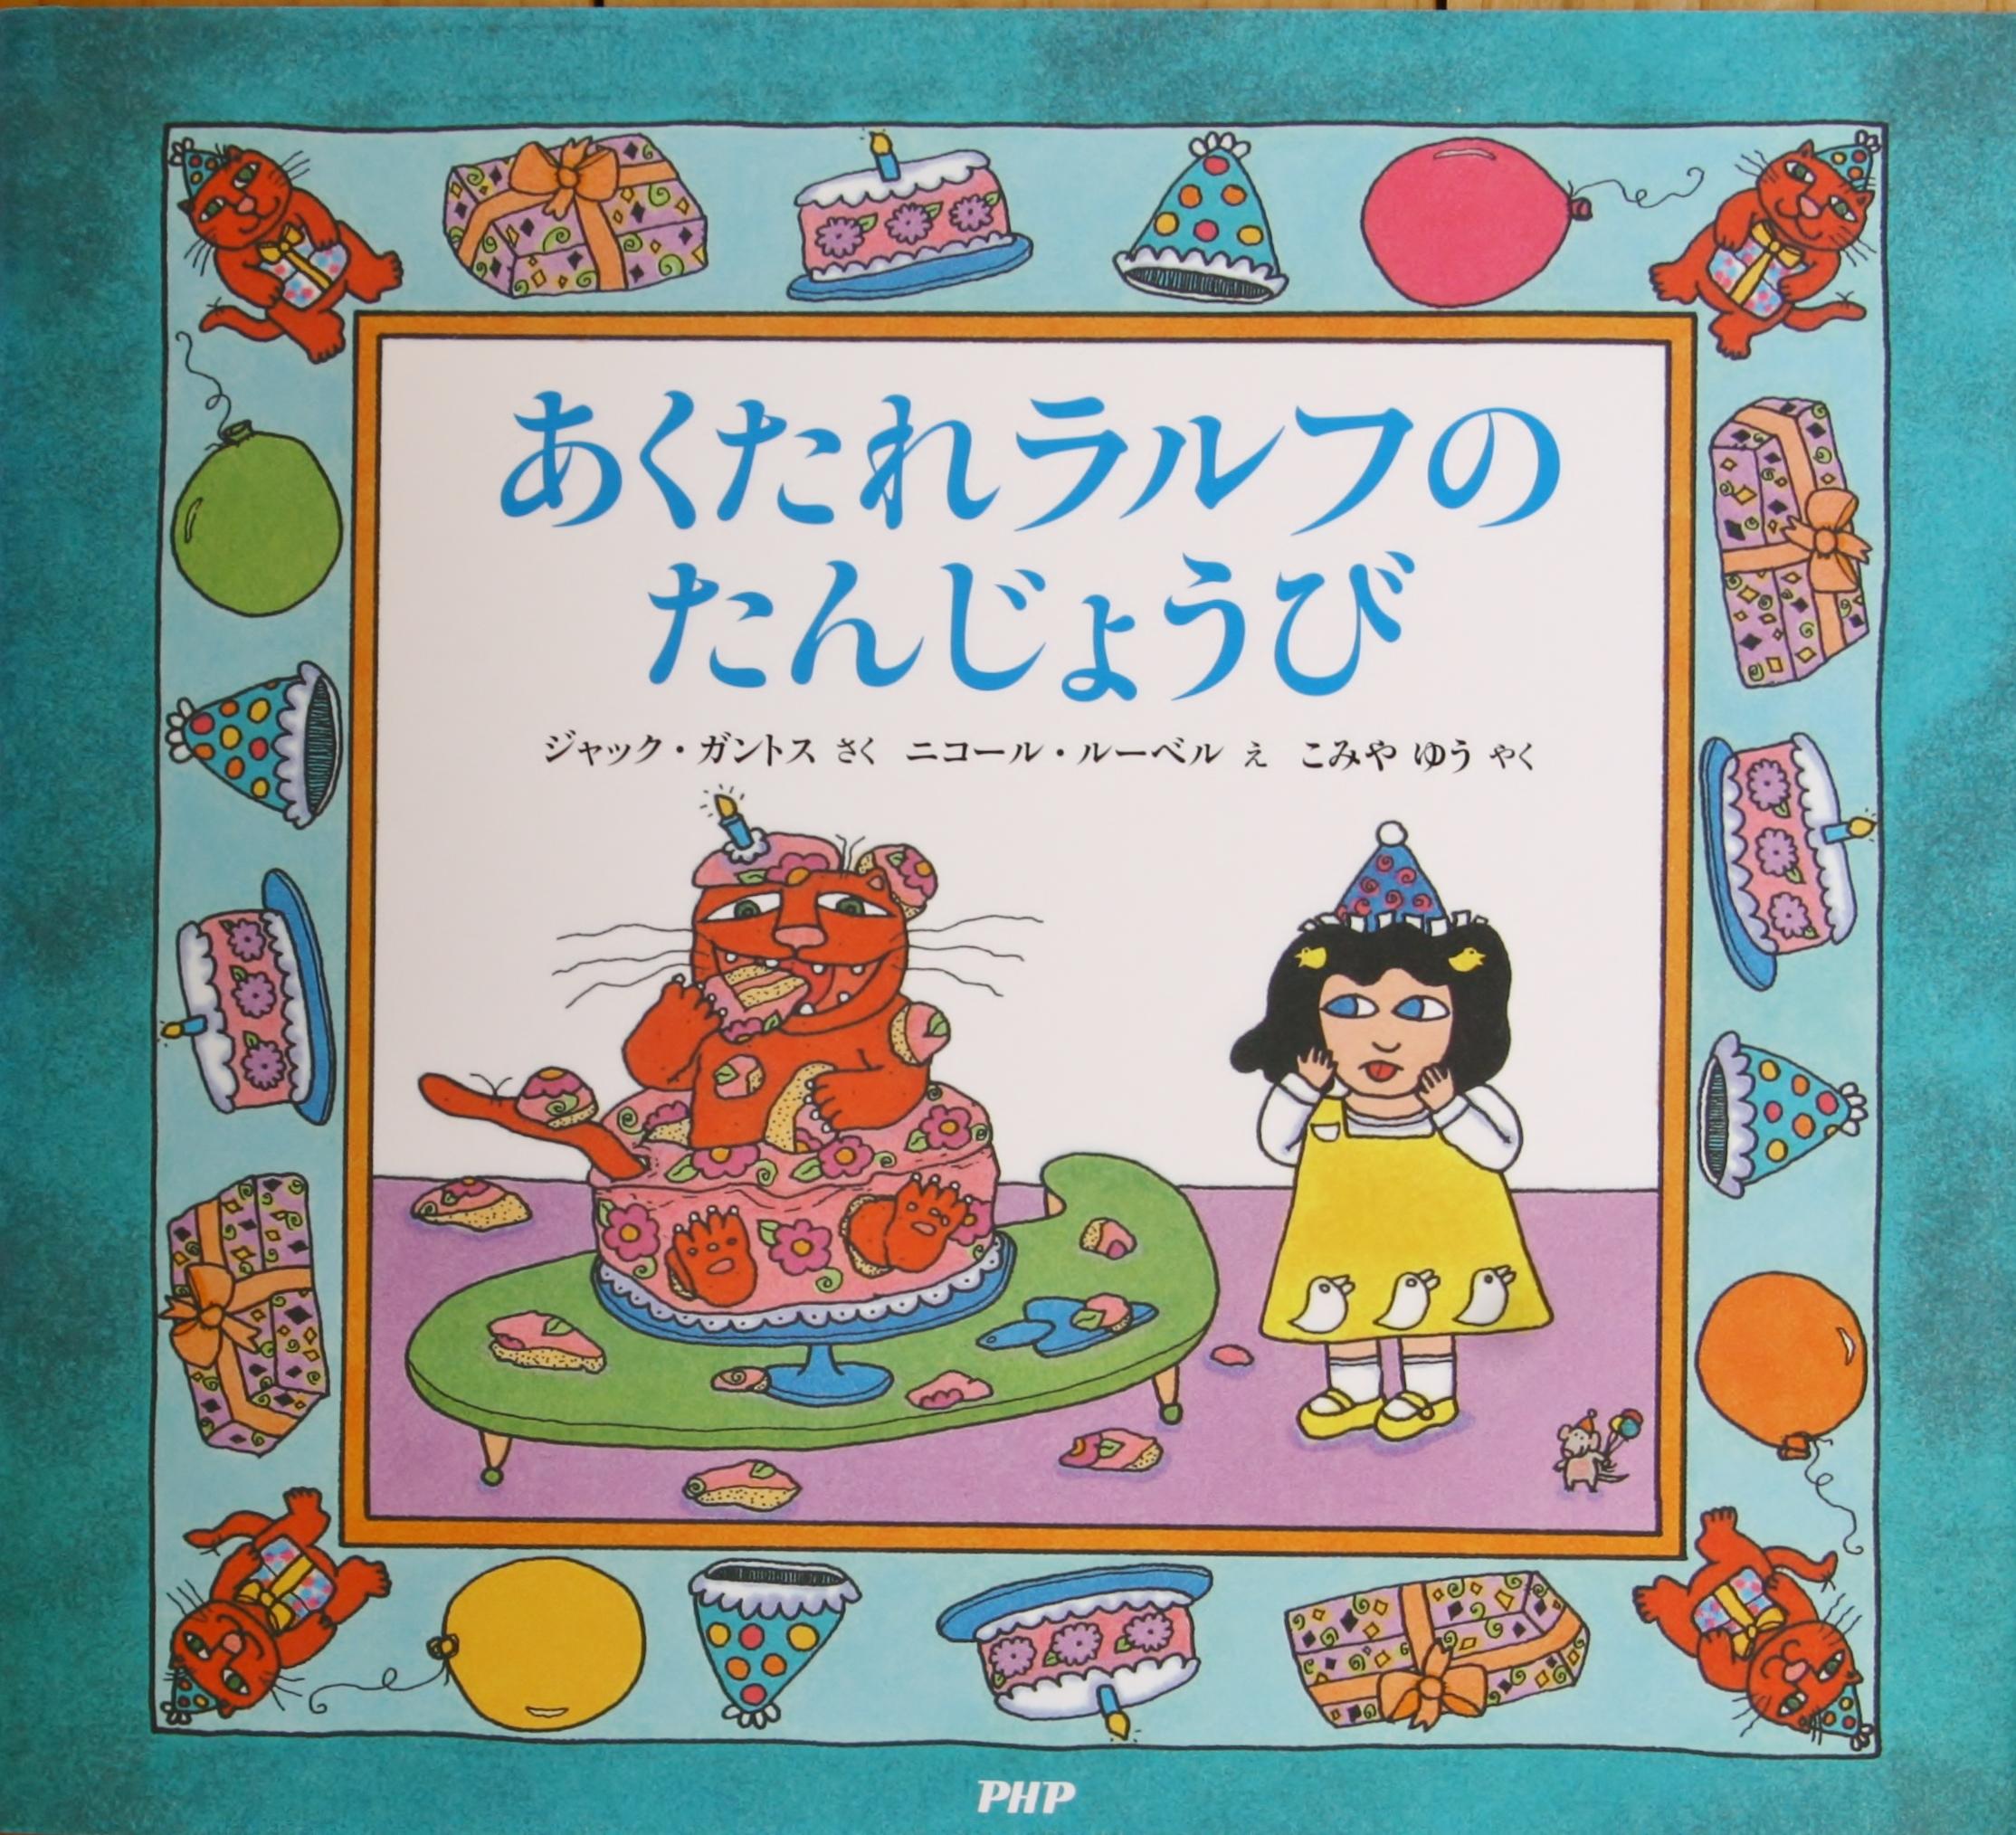 あくたれラルフのたんじょうび 猫絵本 絵本 かぎしっぽ 秋田